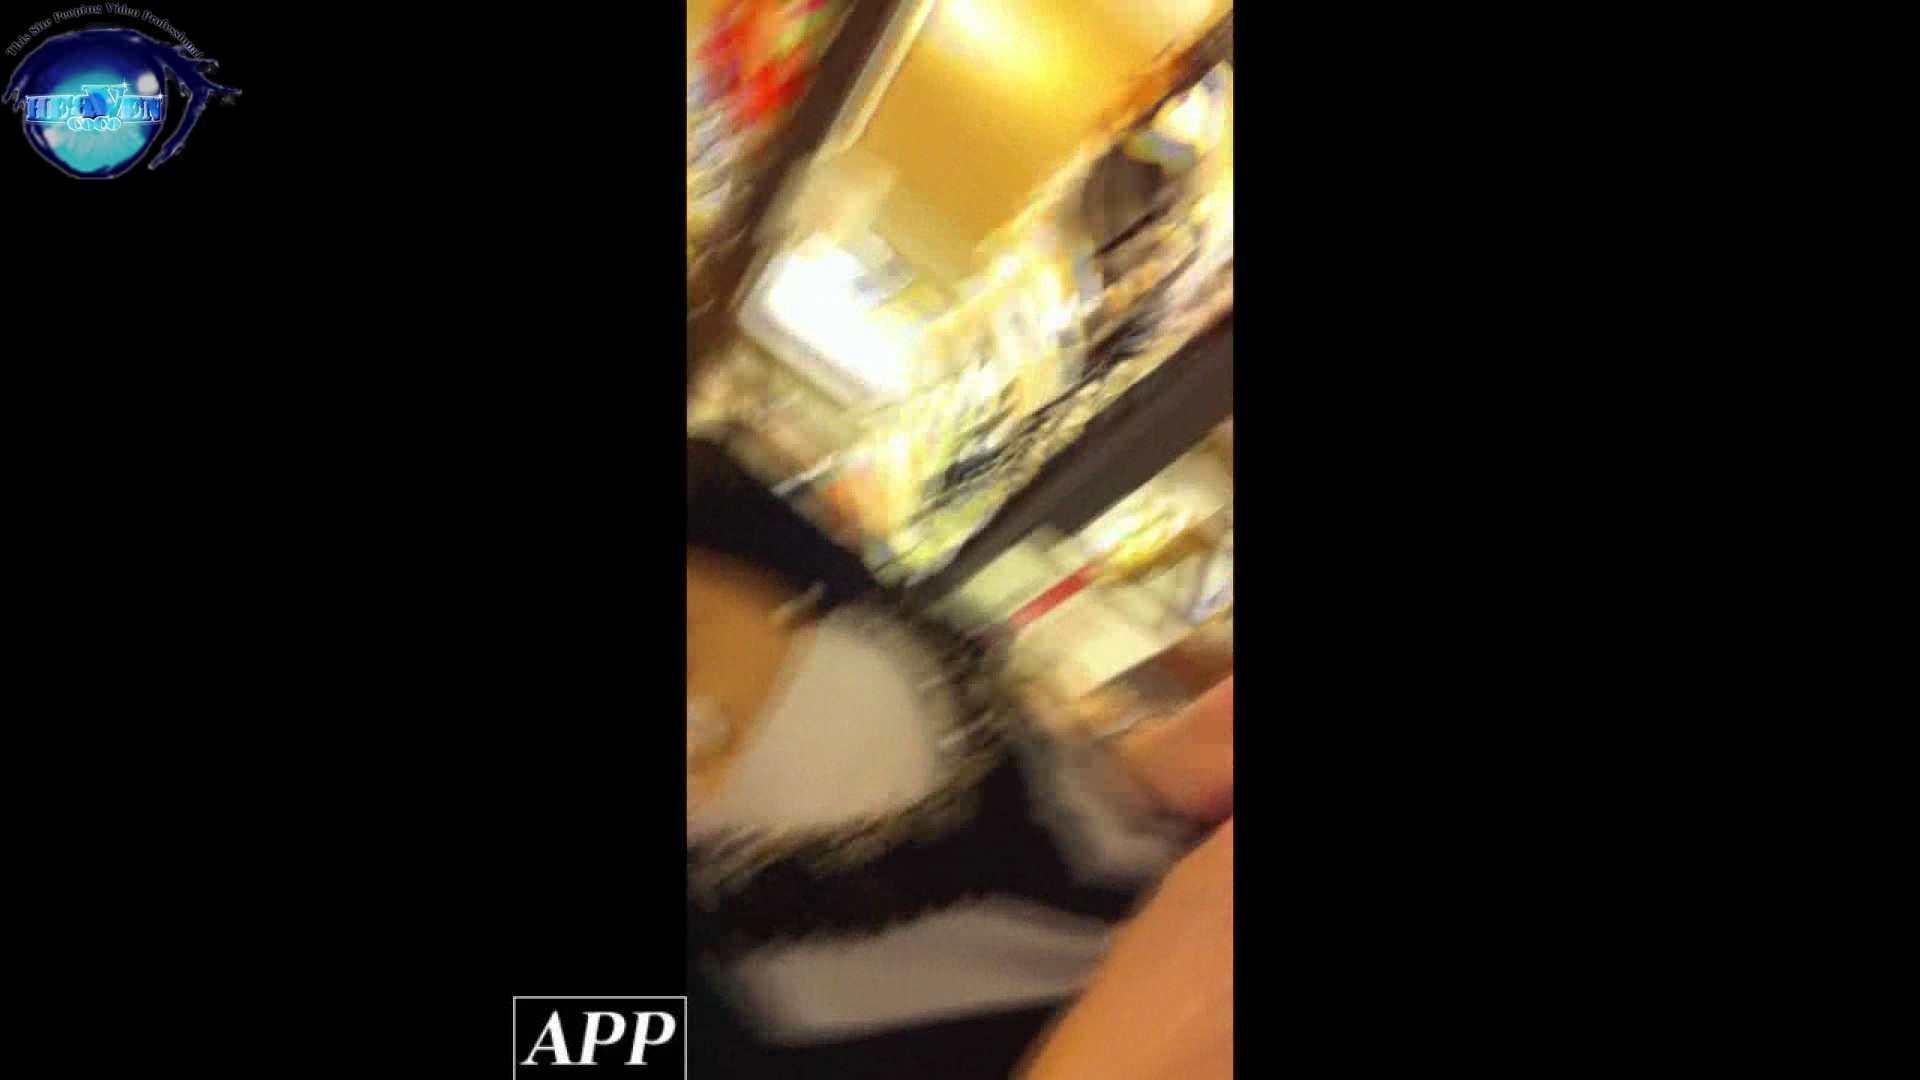 ハイビジョン盗撮!ショップ店員千人斬り!胸チラ編 vol.59 盗撮 | 接写  88pic 76